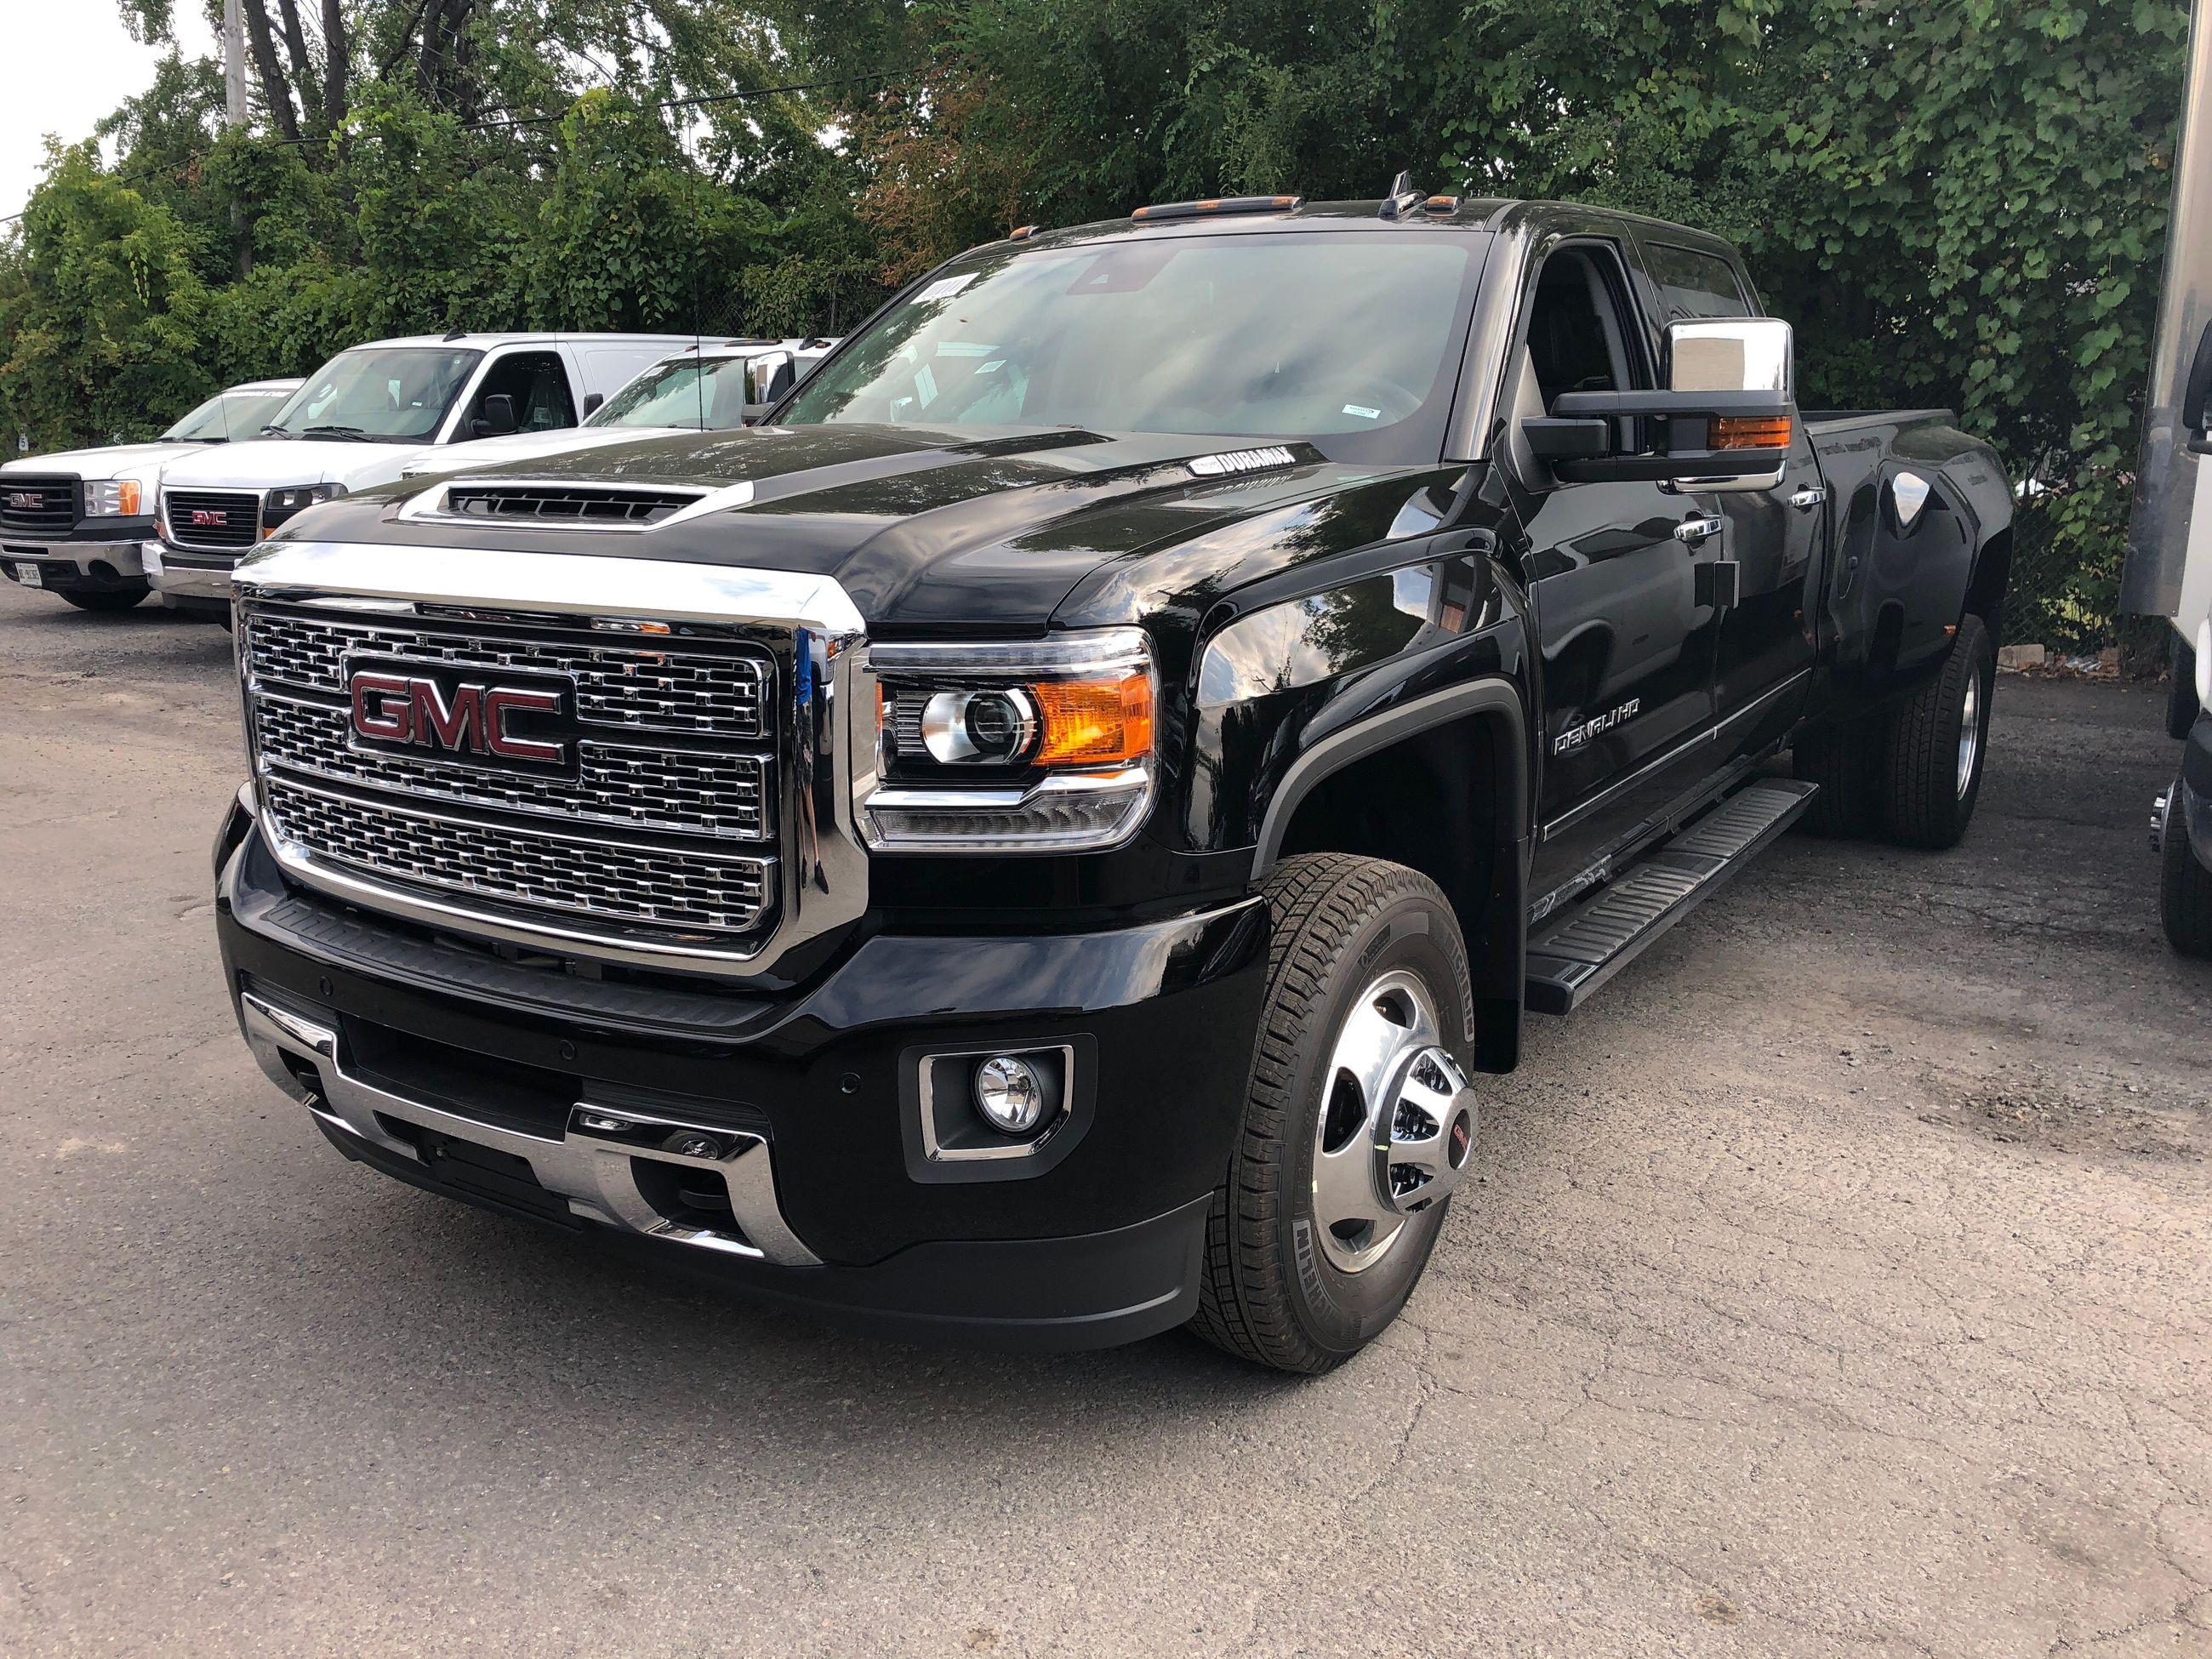 2020 Gmc 3500 Hd Trucks | 2020 -2021 GMC